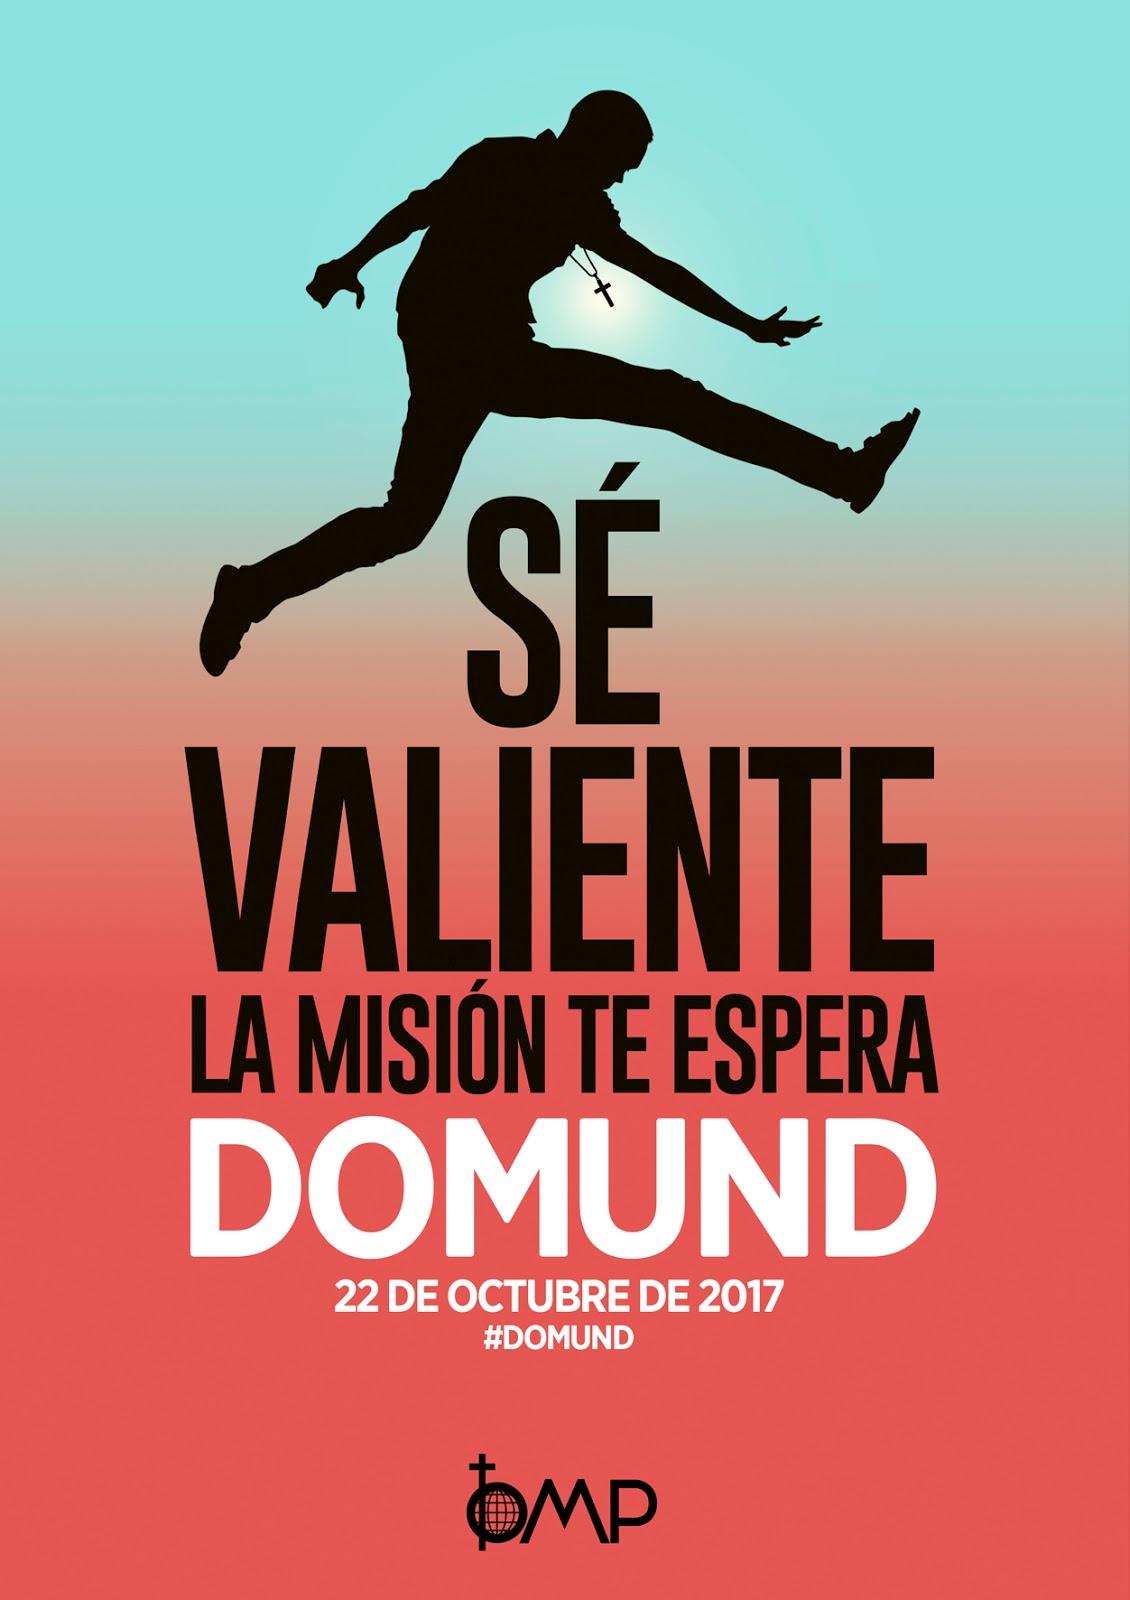 Domund 2017